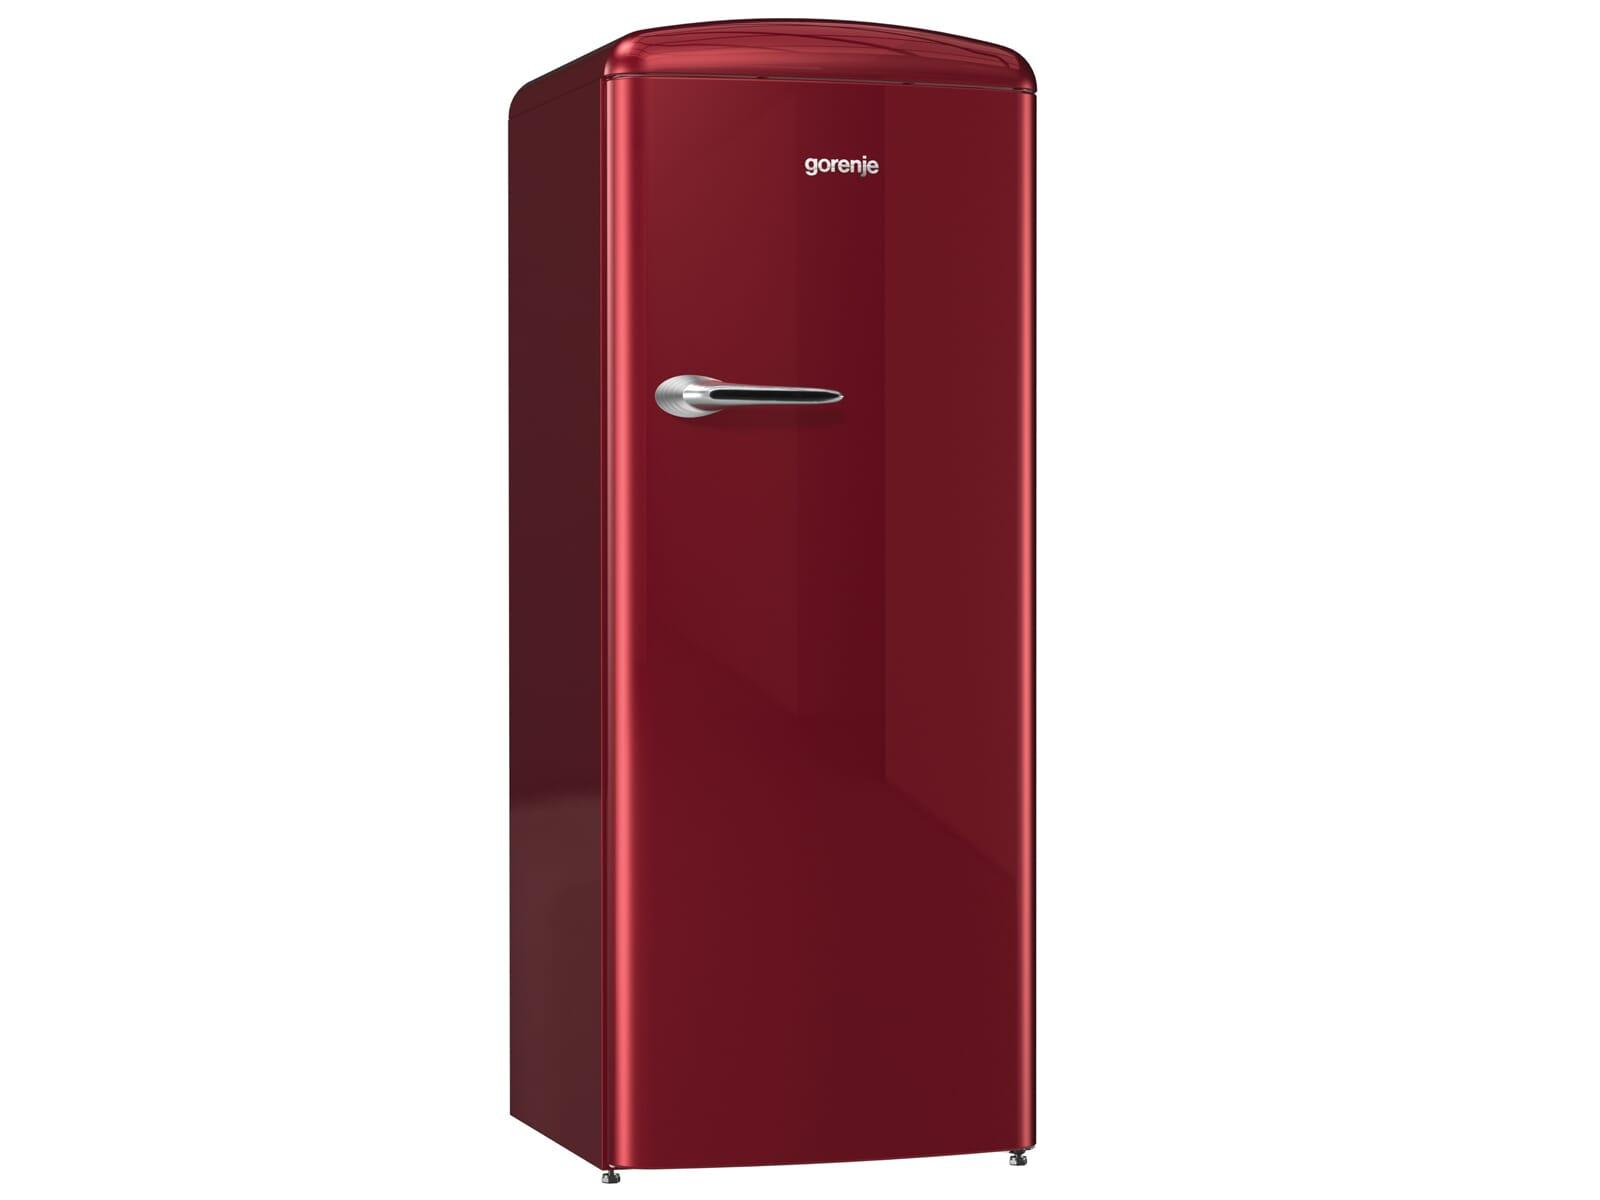 Gorenje Kühlschrank Ist Laut : Gorenje orb r standkühlschrank burgundy